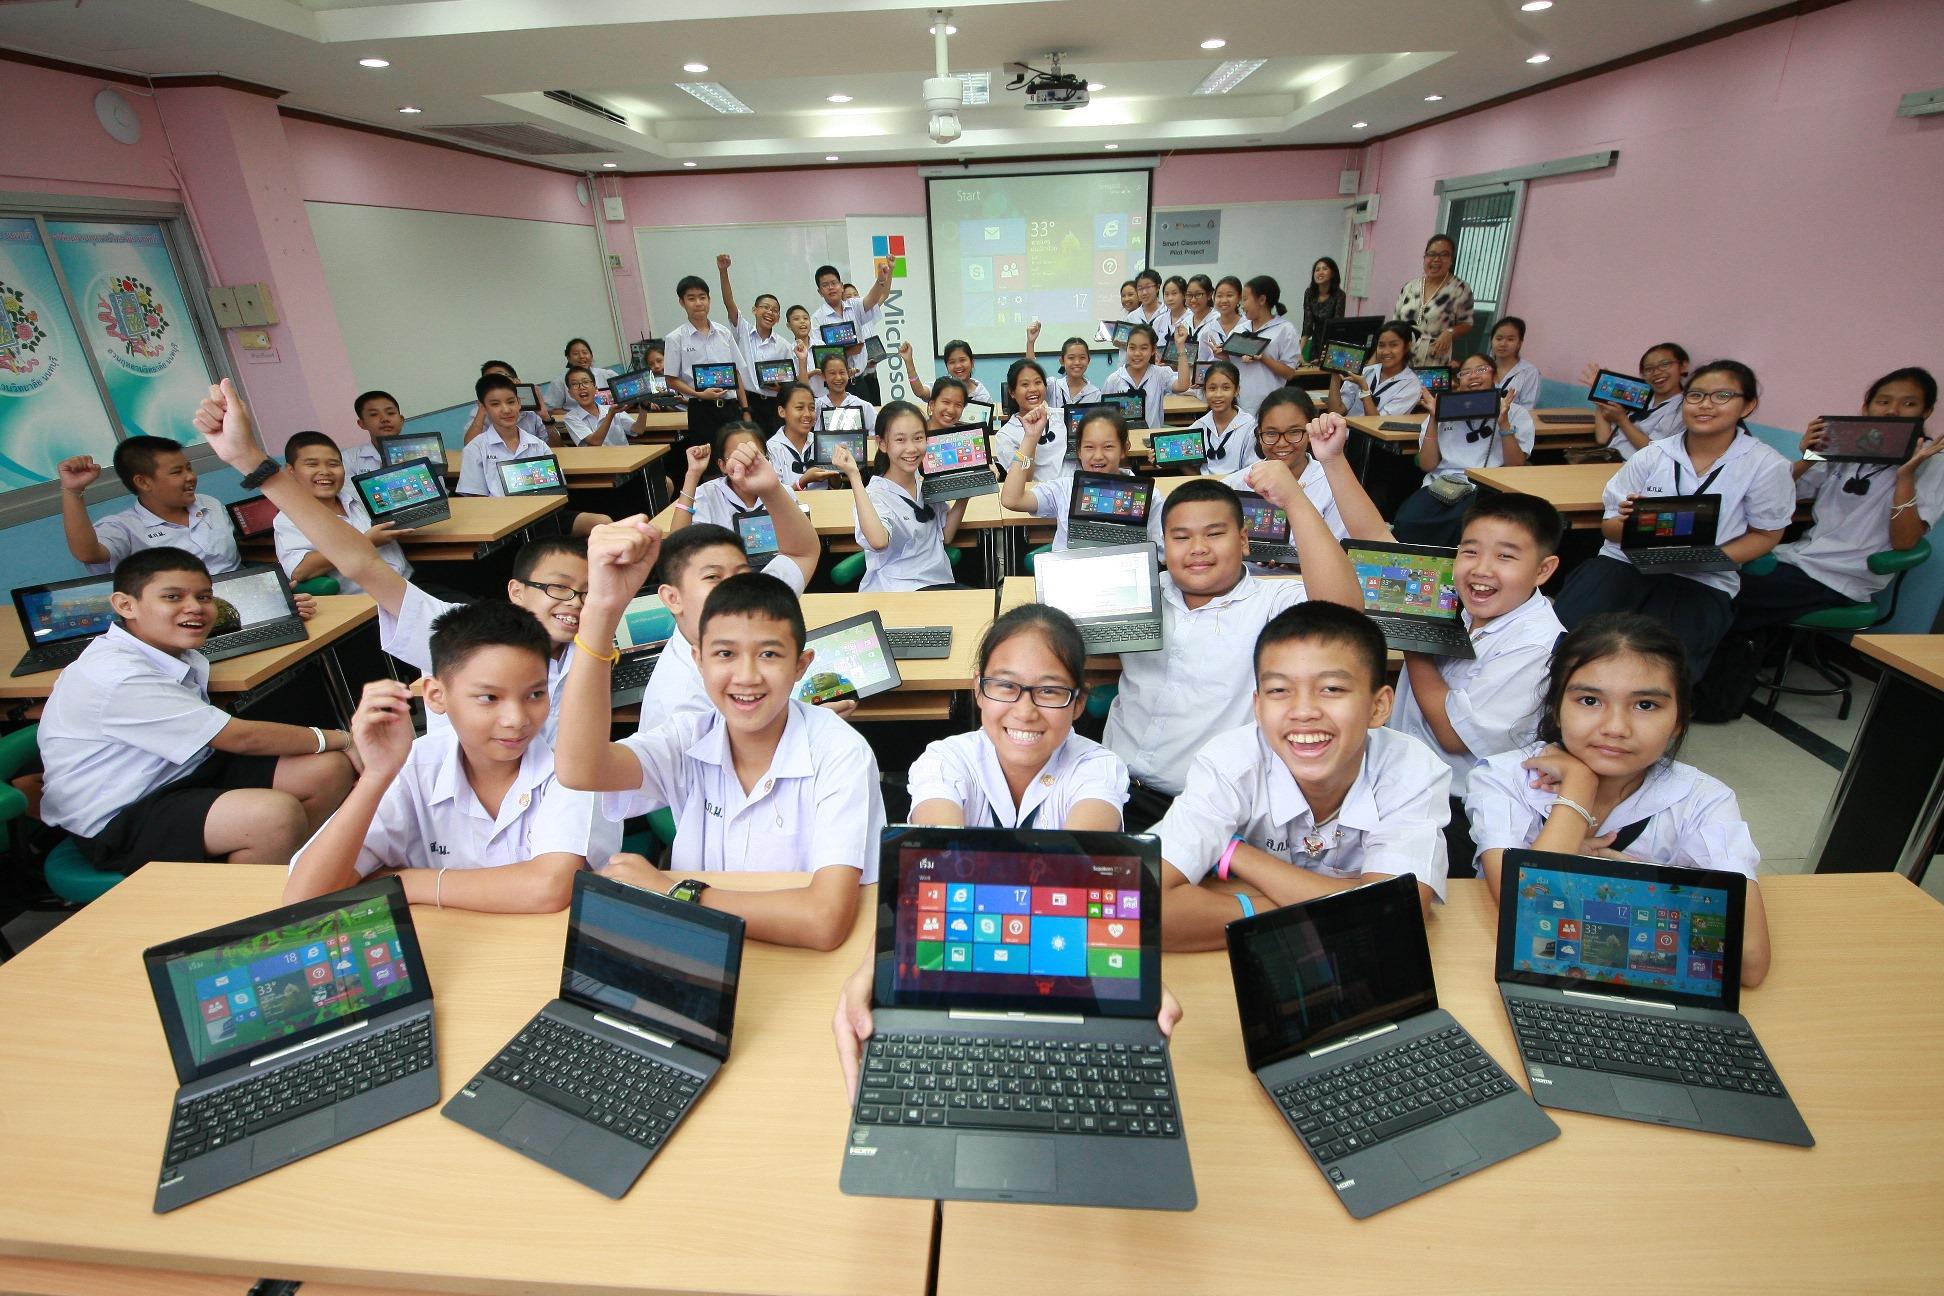 ปัญหาความสามารถในการเรียนรู้ของเด็กไทย